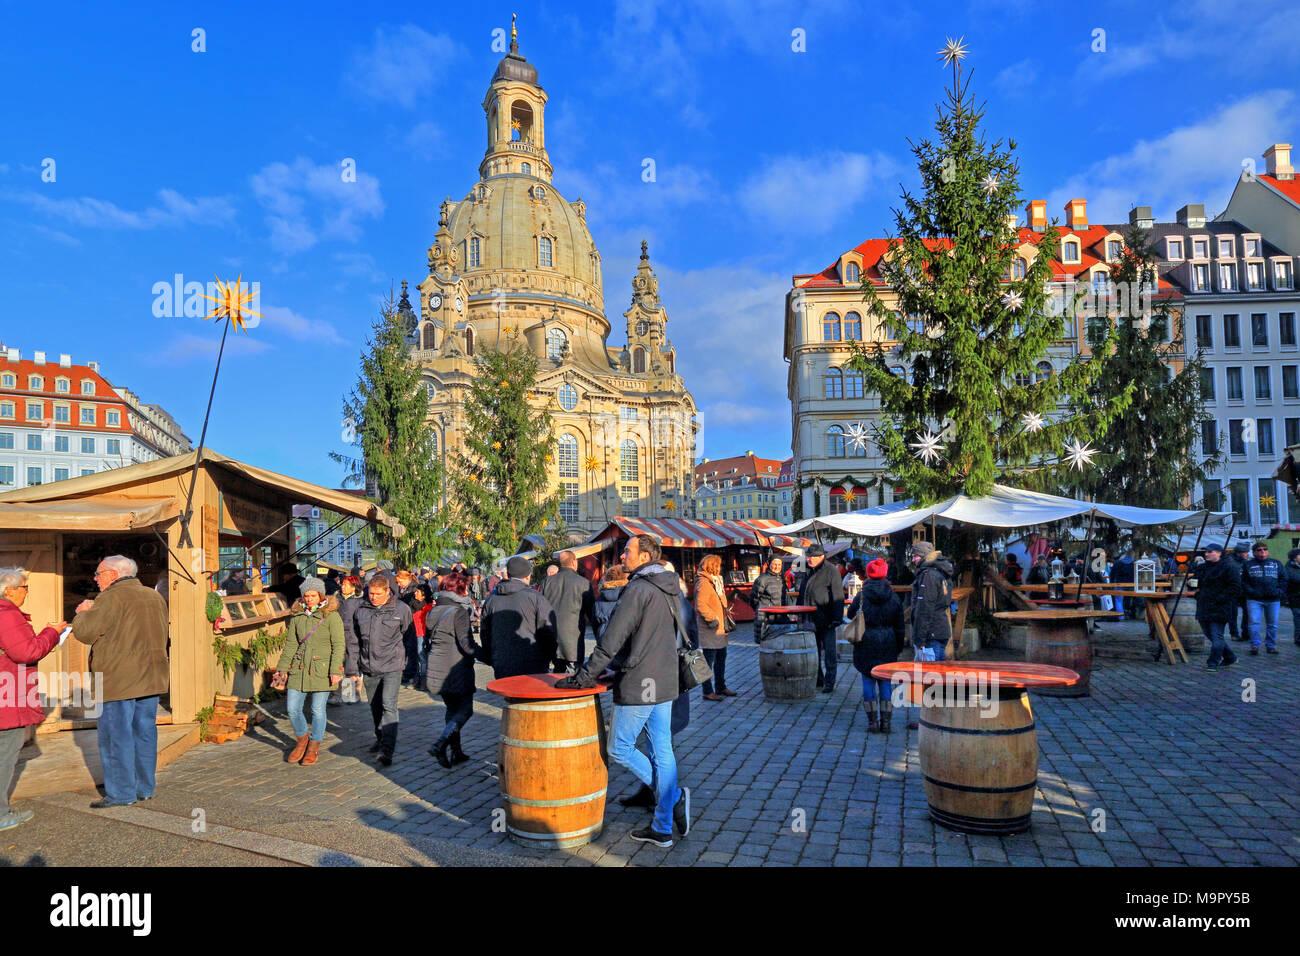 Weihnachtsmarkt In Dresden.Weihnachtsmarkt Auf Dem Neumarkt Mit Frauenkirche Dresden Sachsen